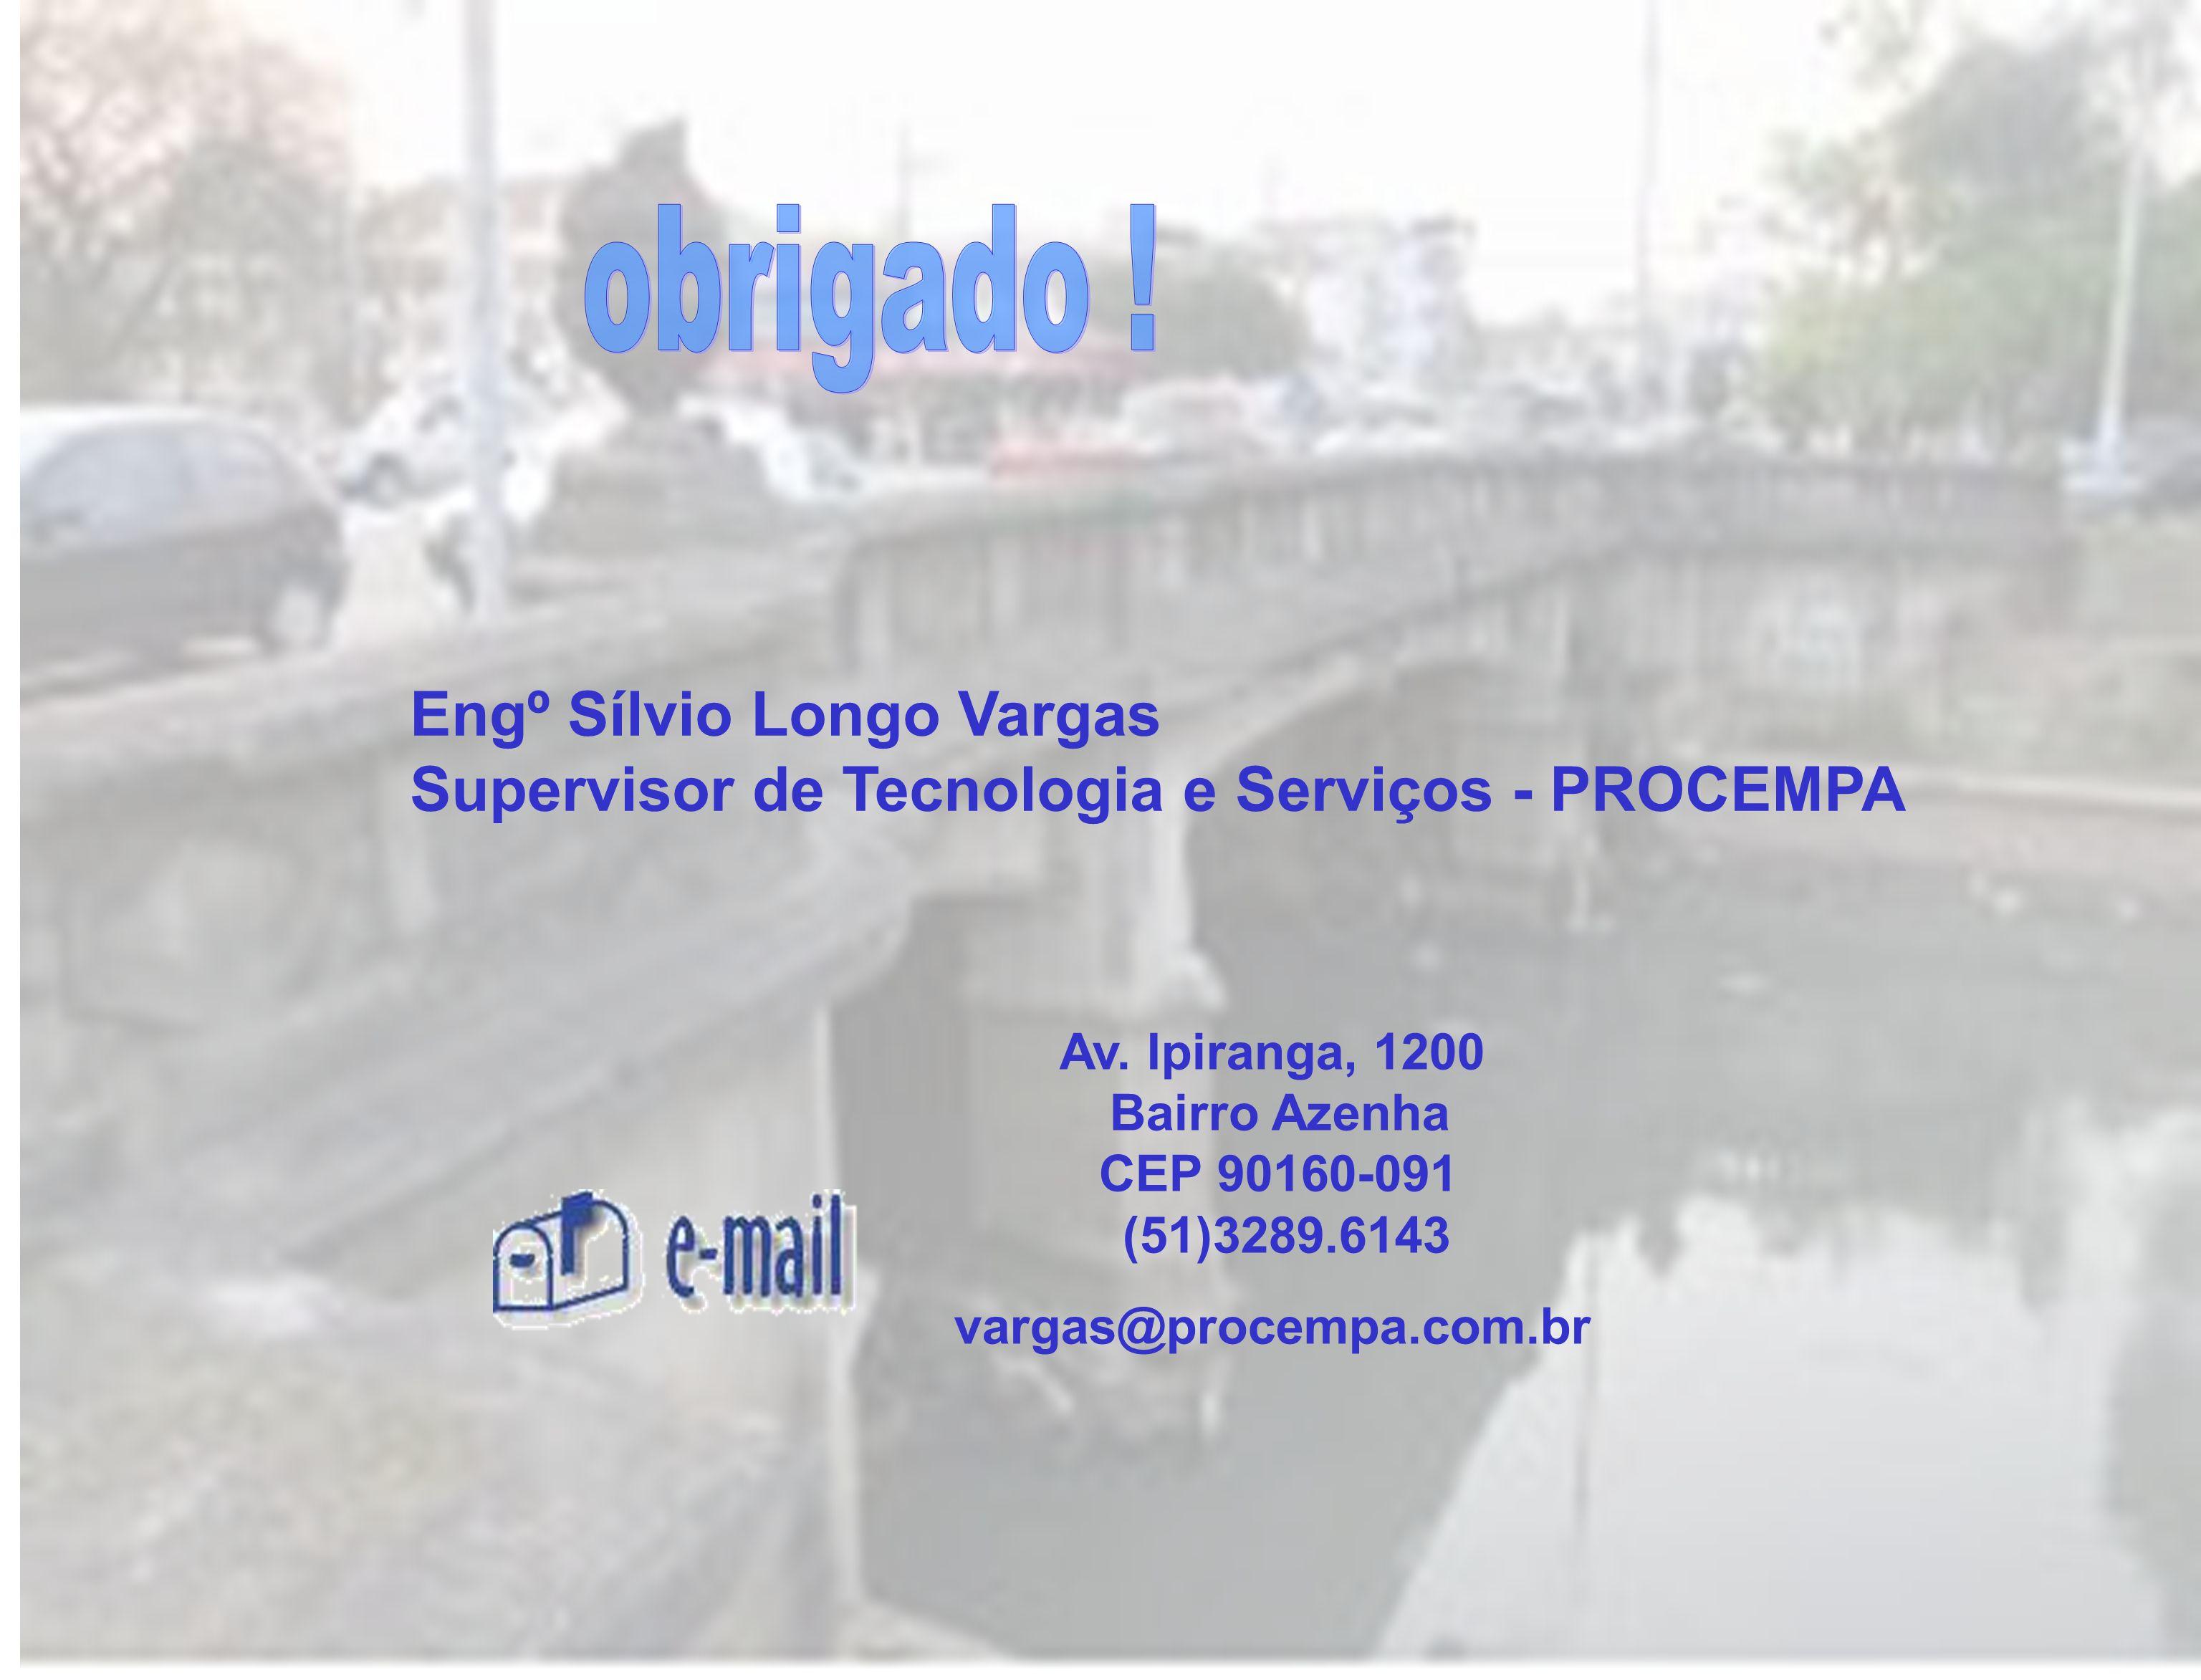 Av. Ipiranga, 1200 Bairro Azenha CEP 90160-091 (51)3289.6143 vargas@procempa.com.br Engº Sílvio Longo Vargas Supervisor de Tecnologia e Serviços - PRO